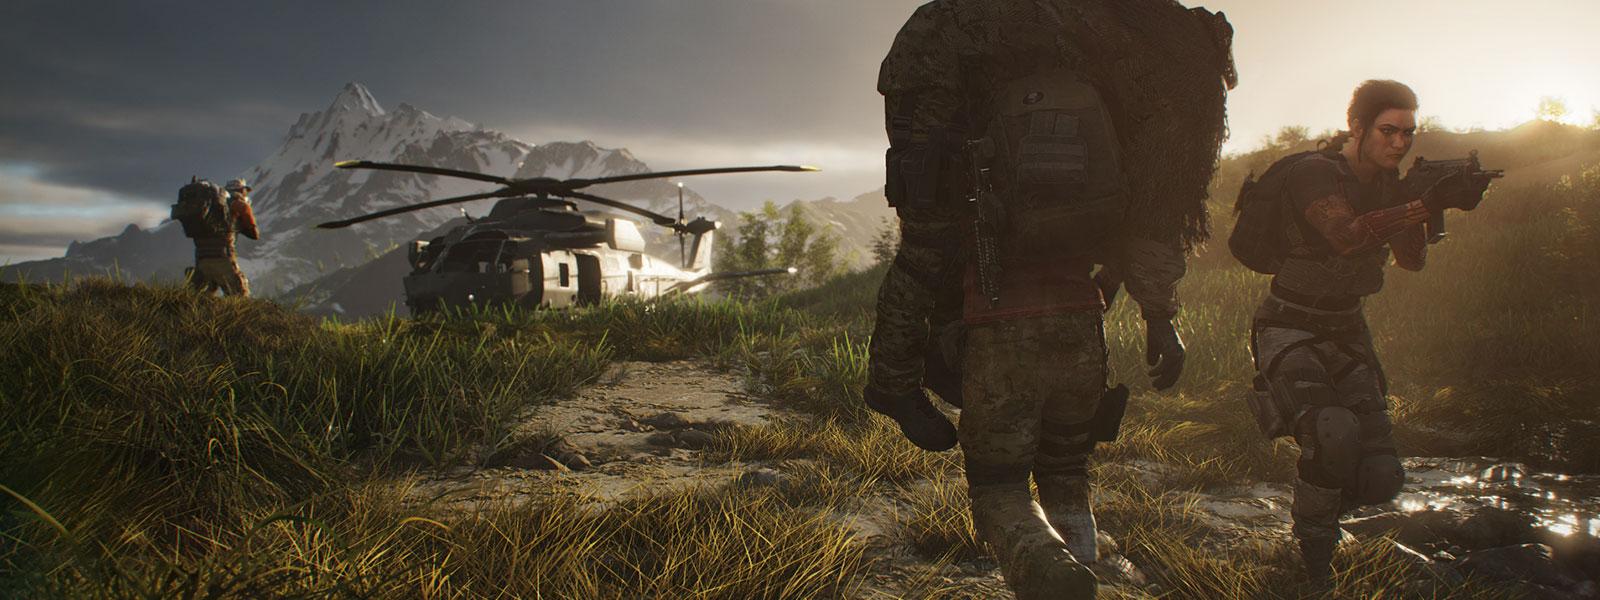 Personage dat een andere persoon op zijn schouders naar een helikopter draagt, terwijl twee andere personages de boel bewaken